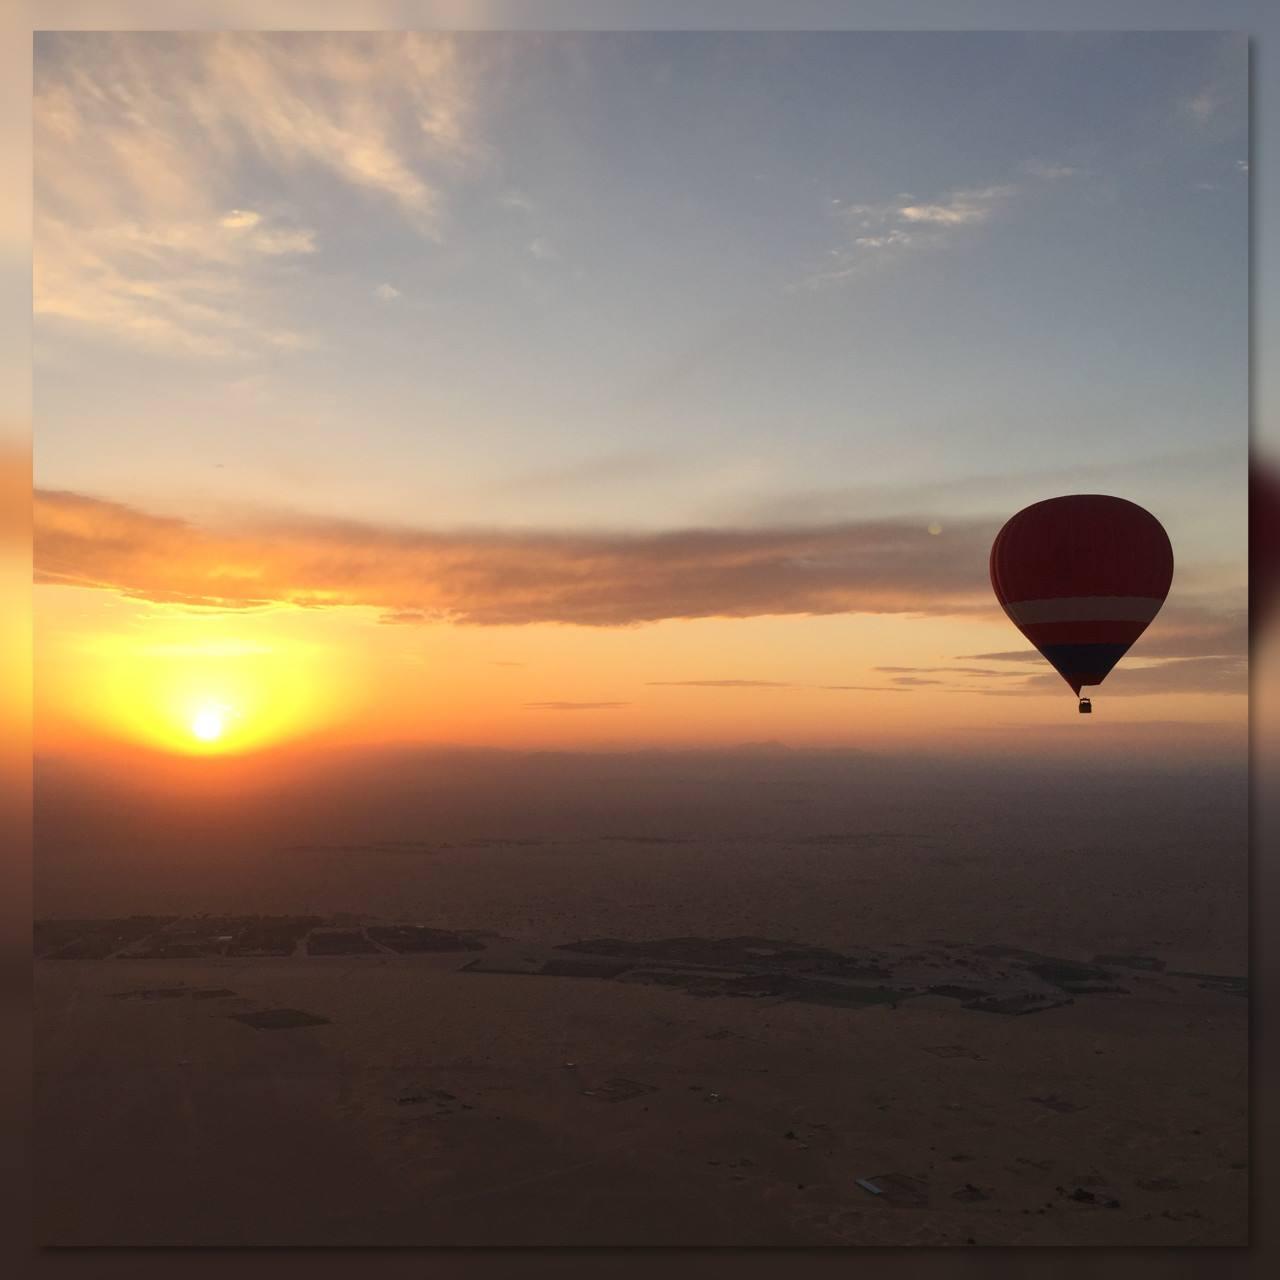 Dubai Hot – Air Balloon Flight